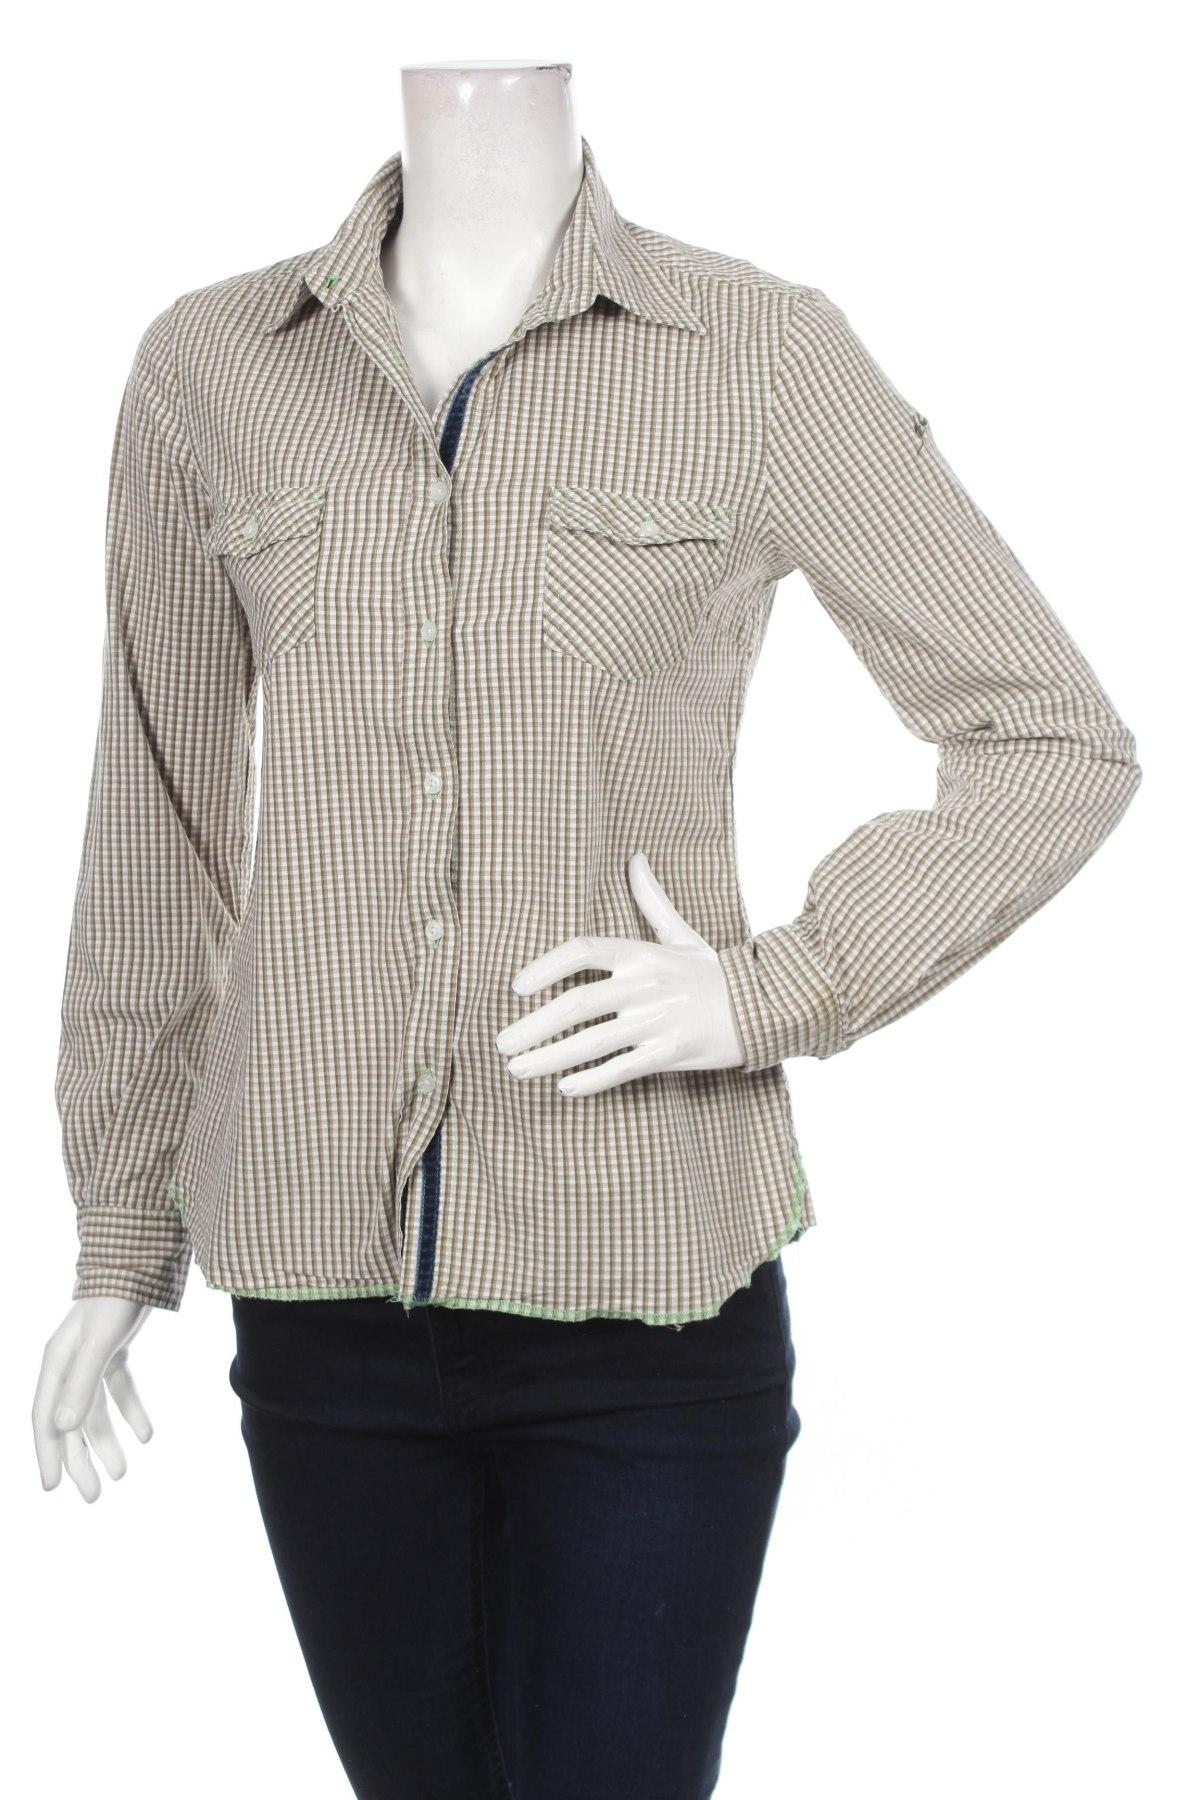 Γυναικείο πουκάμισο Blue Fire, Μέγεθος M, Χρώμα Πράσινο, Τιμή 14,23€